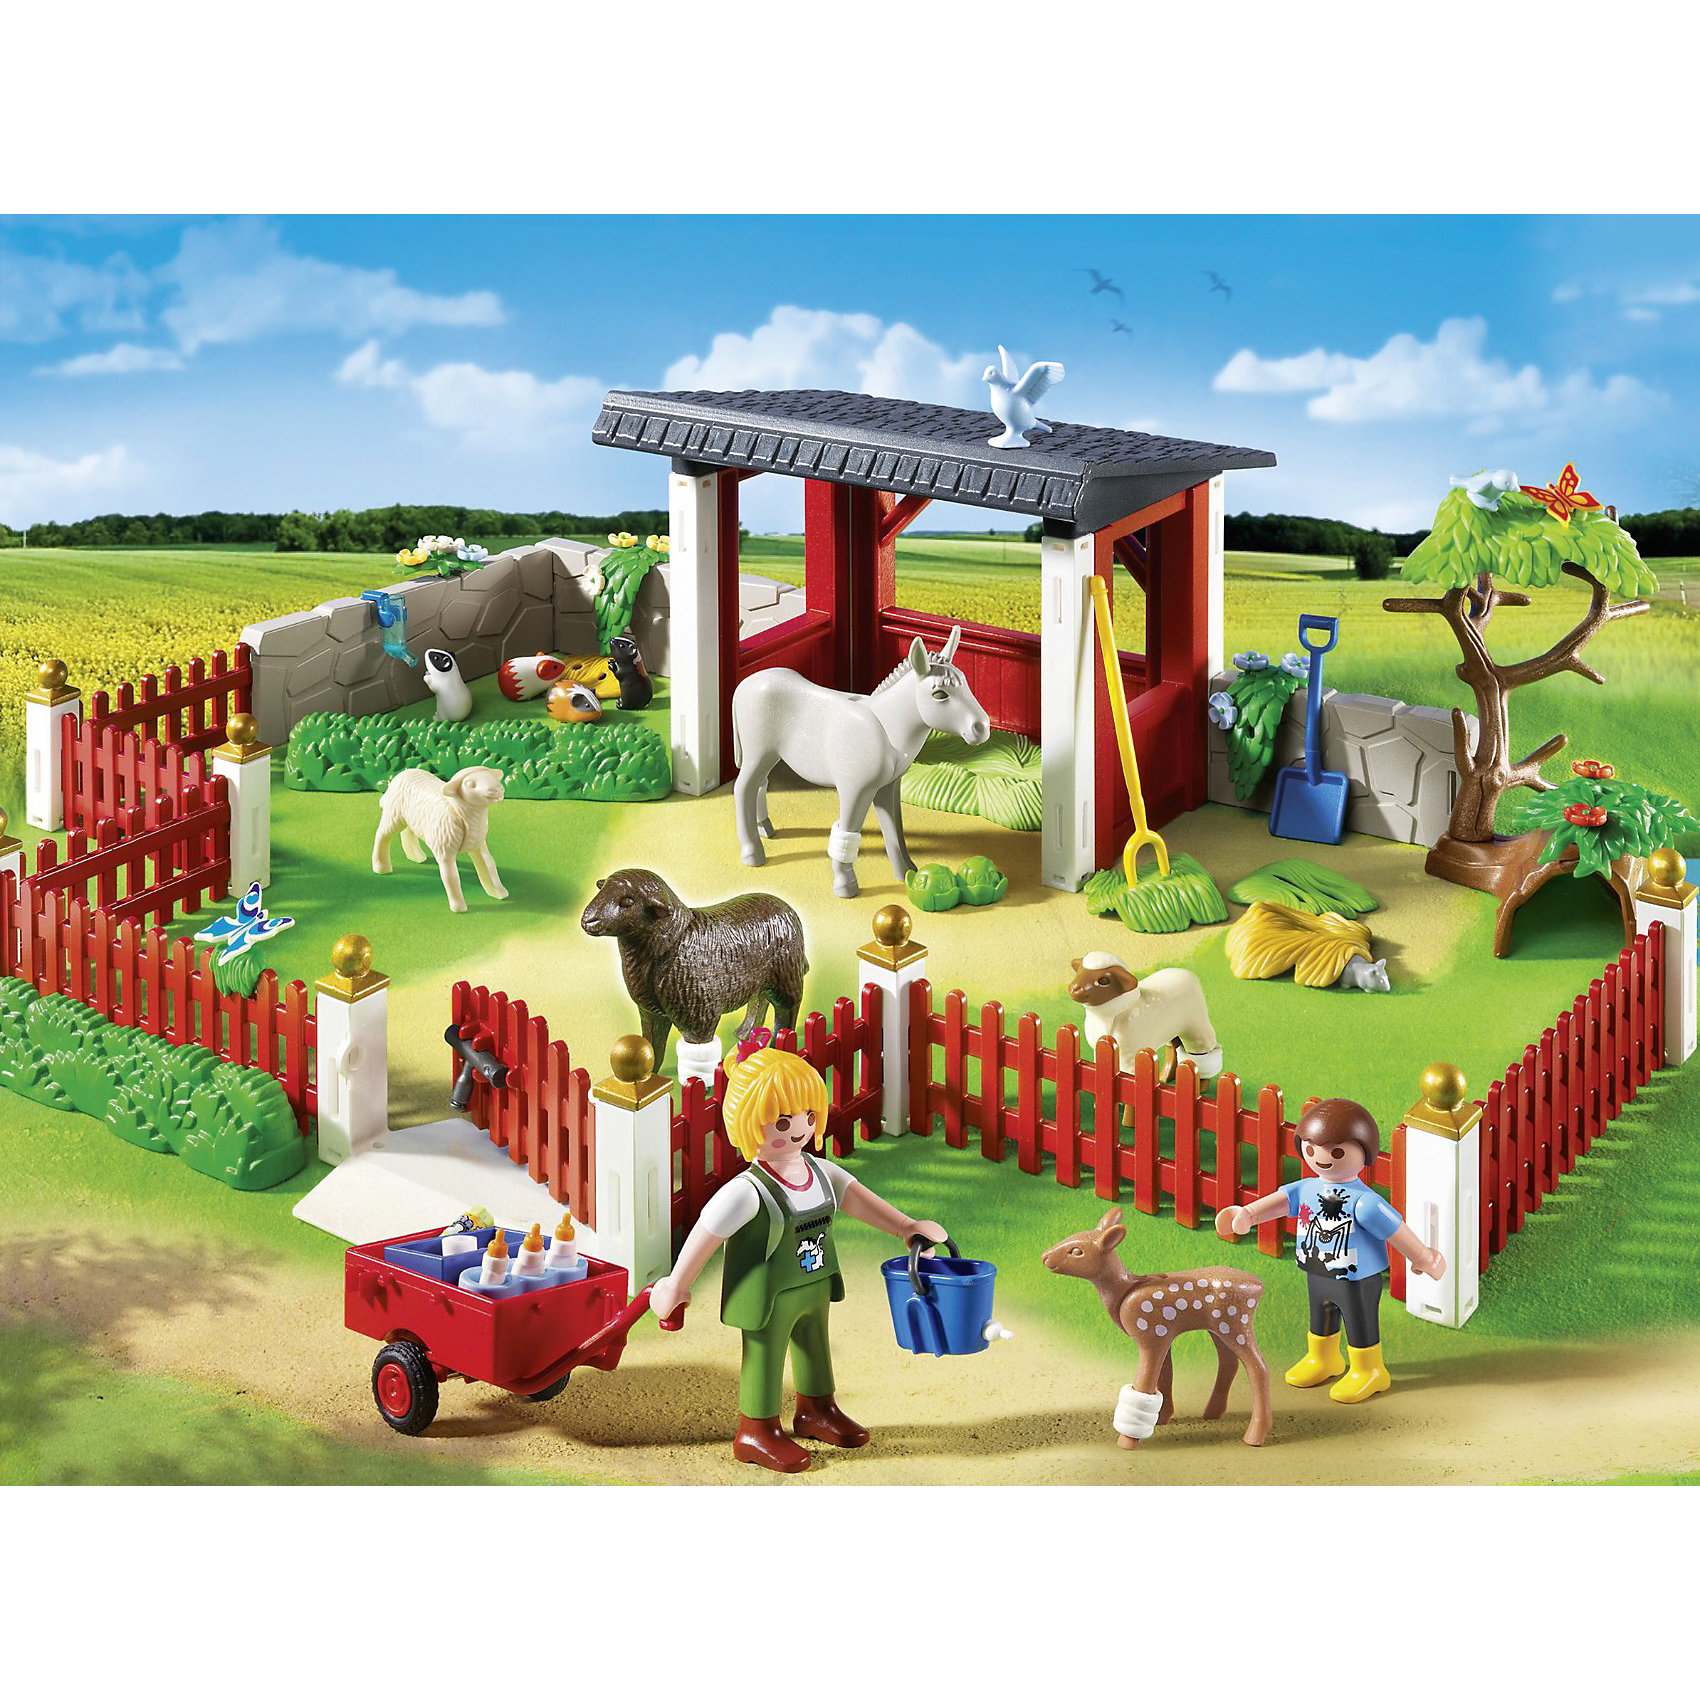 PLAYMOBIL® PLAYMOBIL 5531 Ветеринарная клиника: Уход за животными playmobil® playmobil 5110 конный клуб трекерная лошадь со стойлом